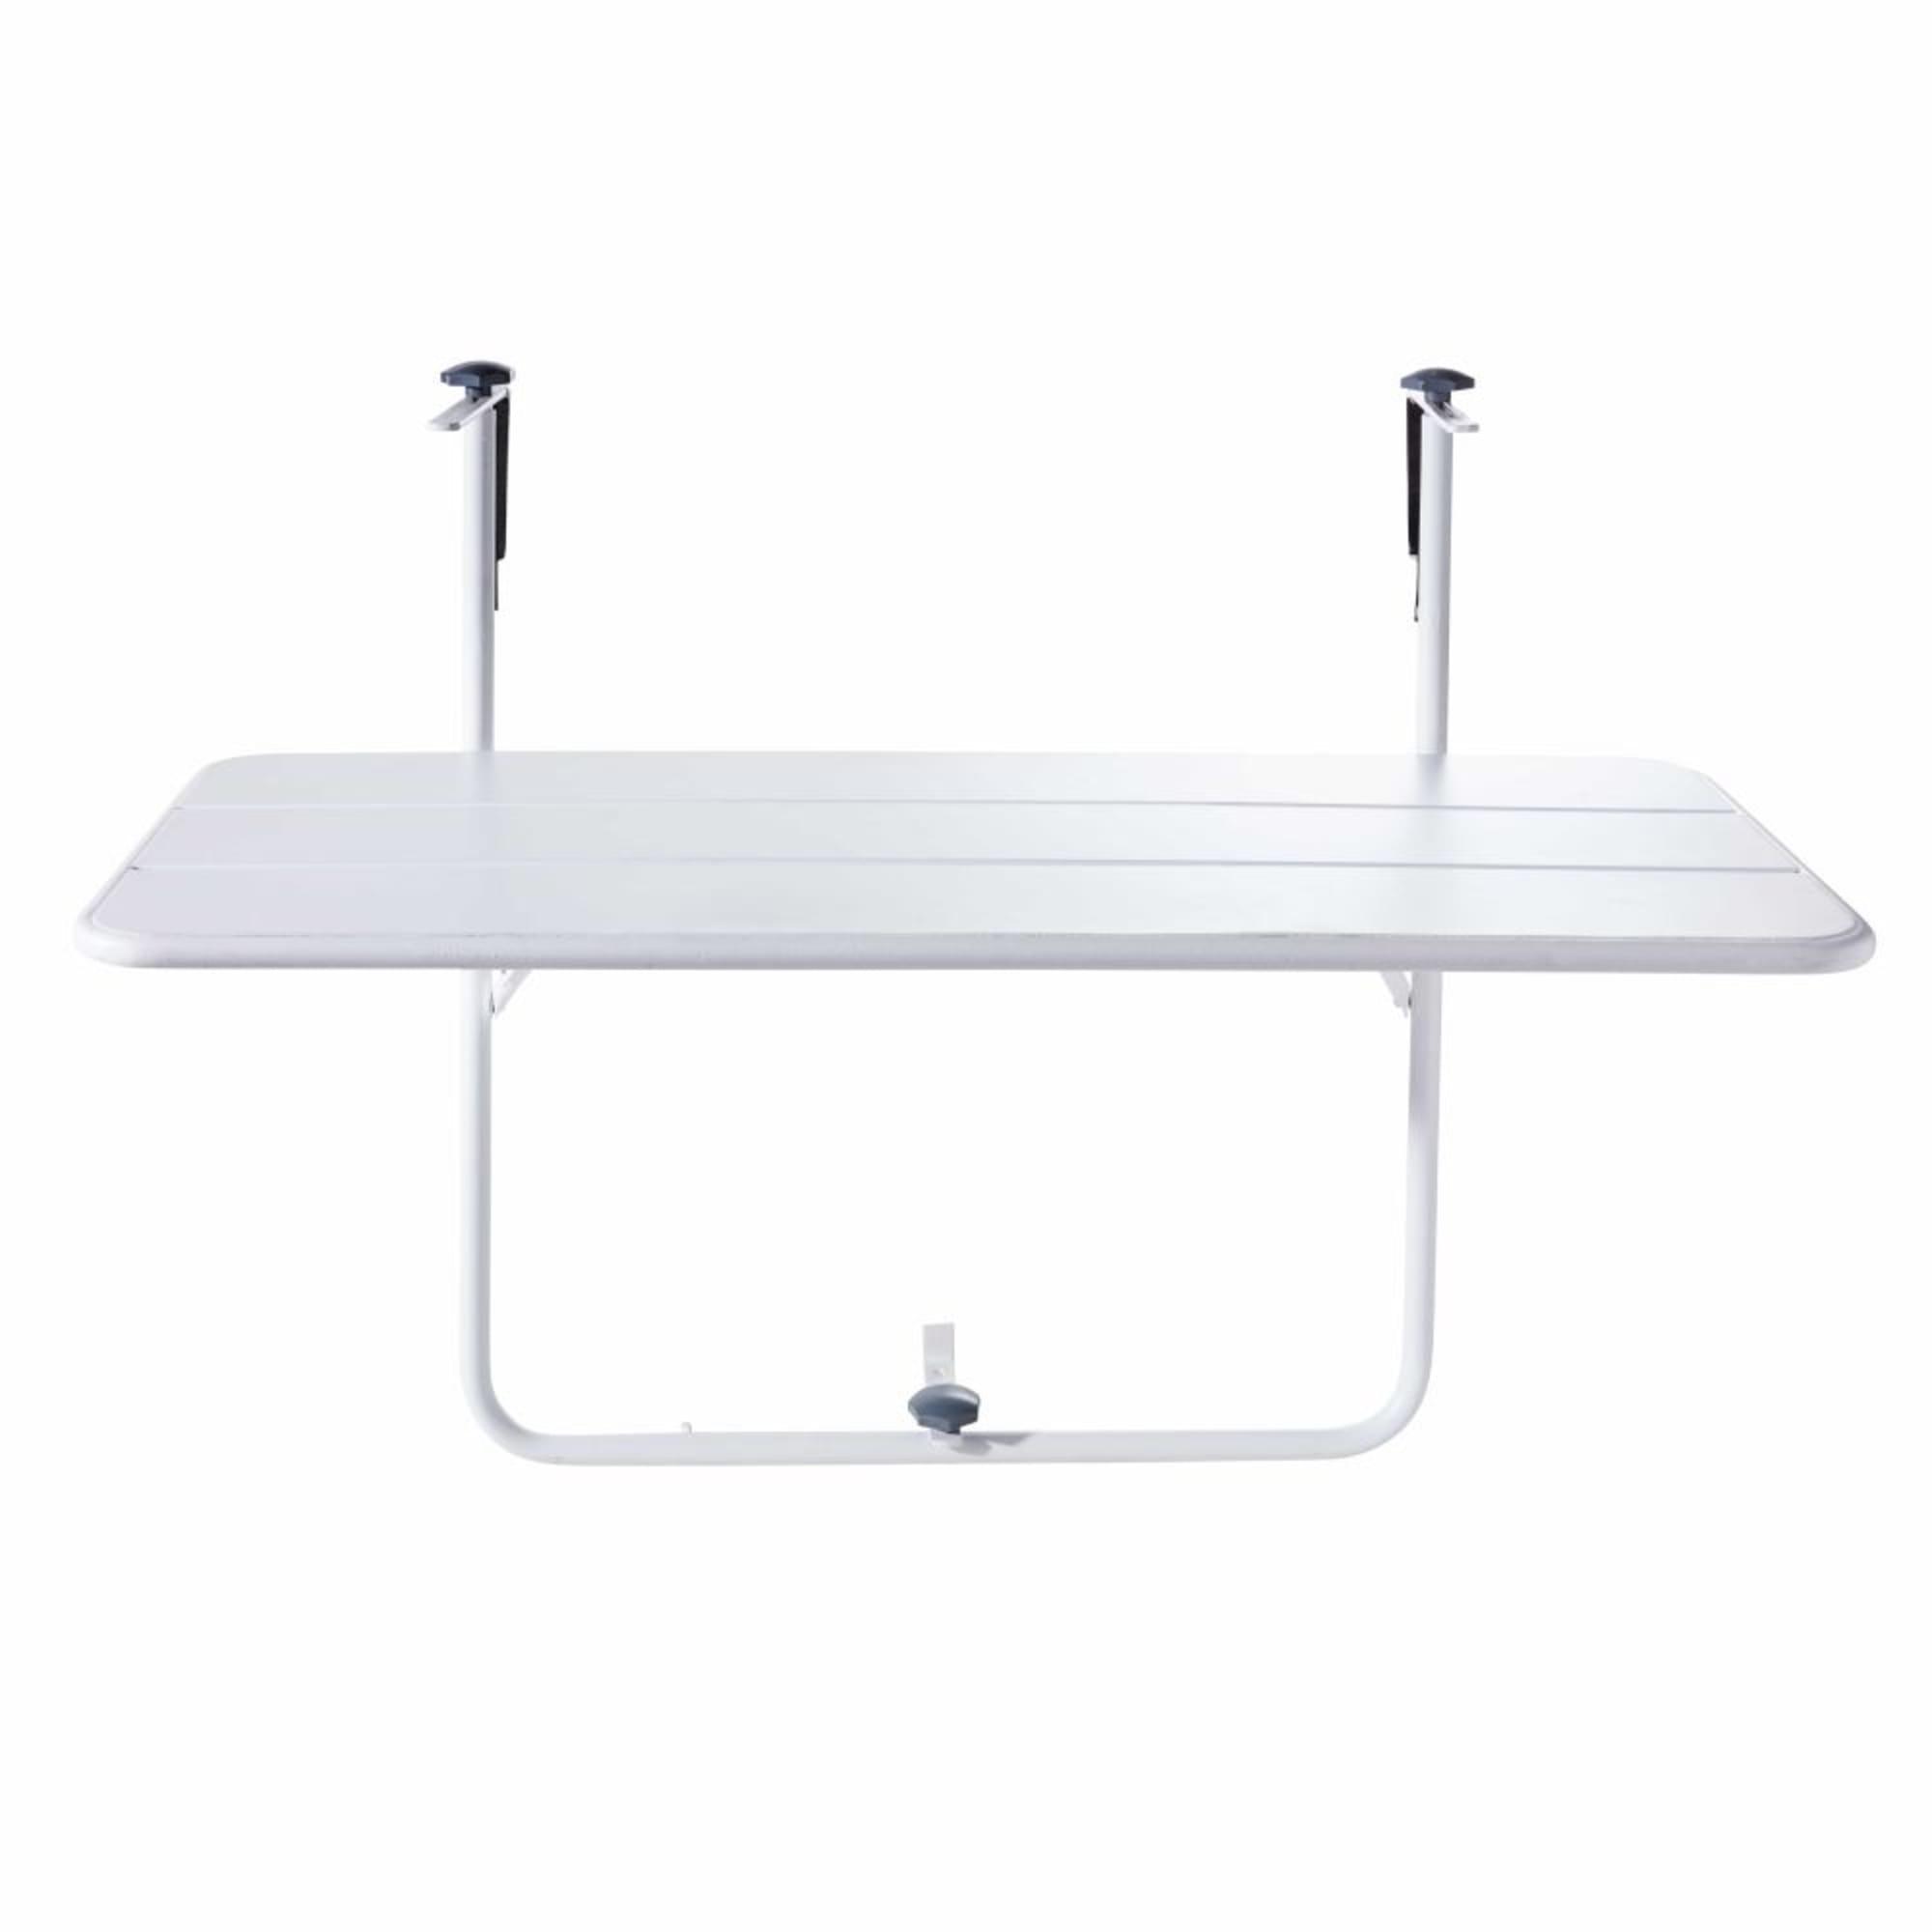 Tavolino Che Diventa Tavolo Ikea arredare terrazzo low cost: 10 soluzioni pratiche | diredonna